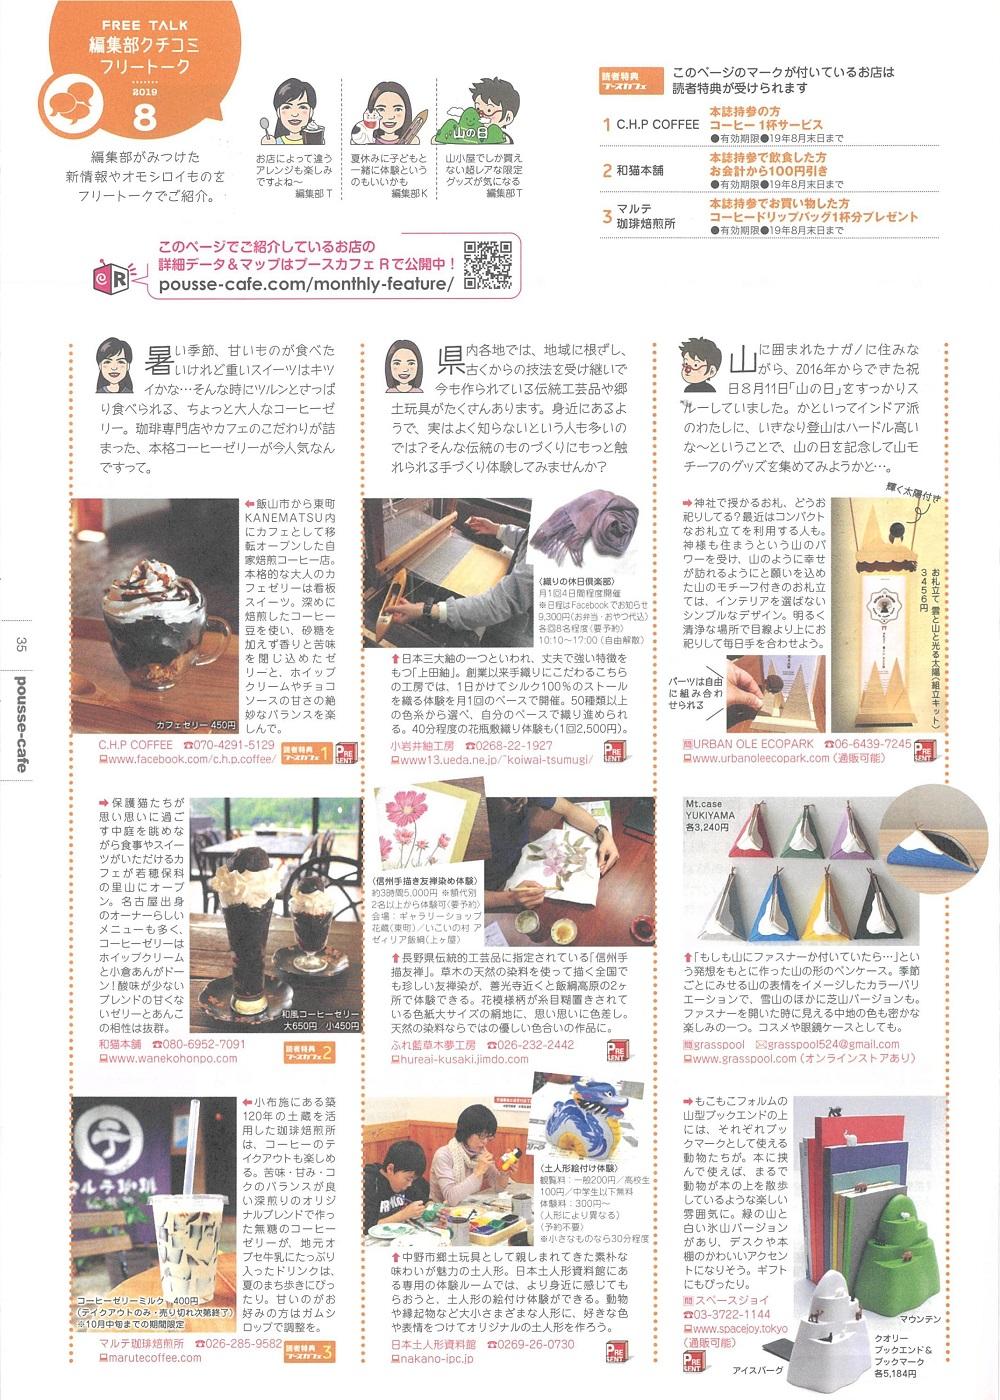 20190727_プースカフェ8月号_BOOKEND&BOOKMARK.jpg